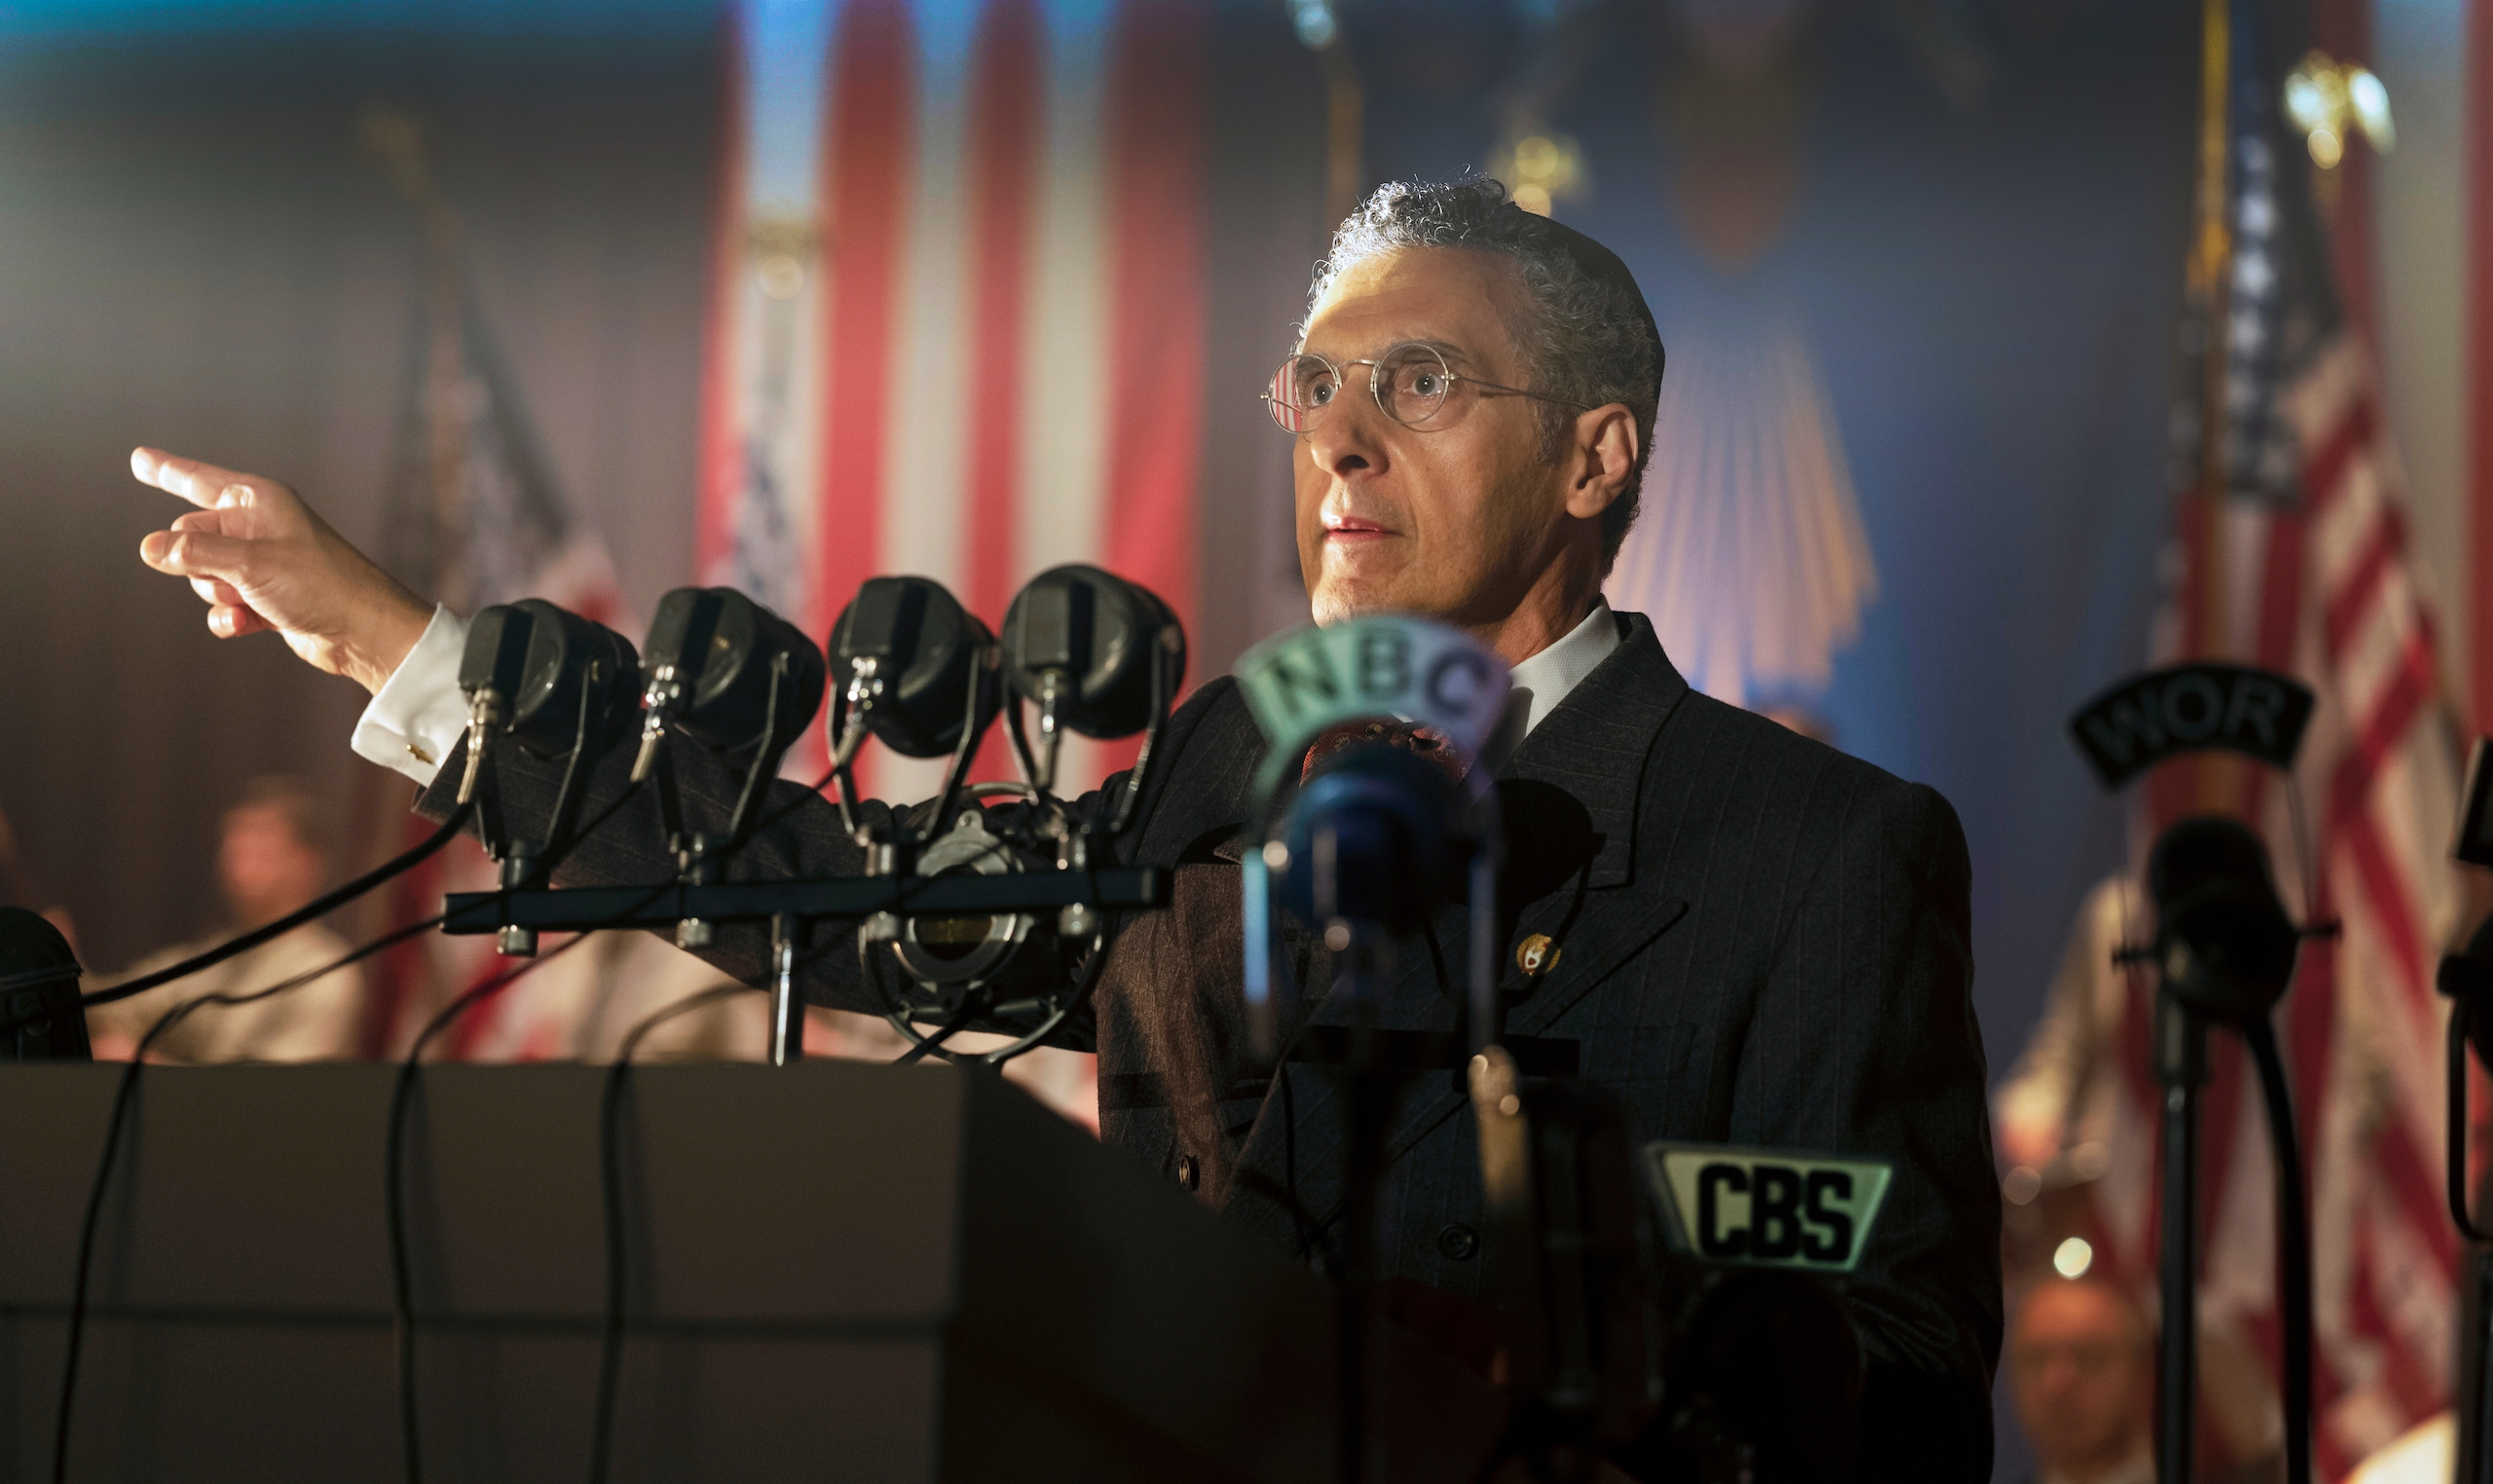 Il complotto contro l'America, l'attesissima serie in arrivo su Sky Atlantic e Now TV